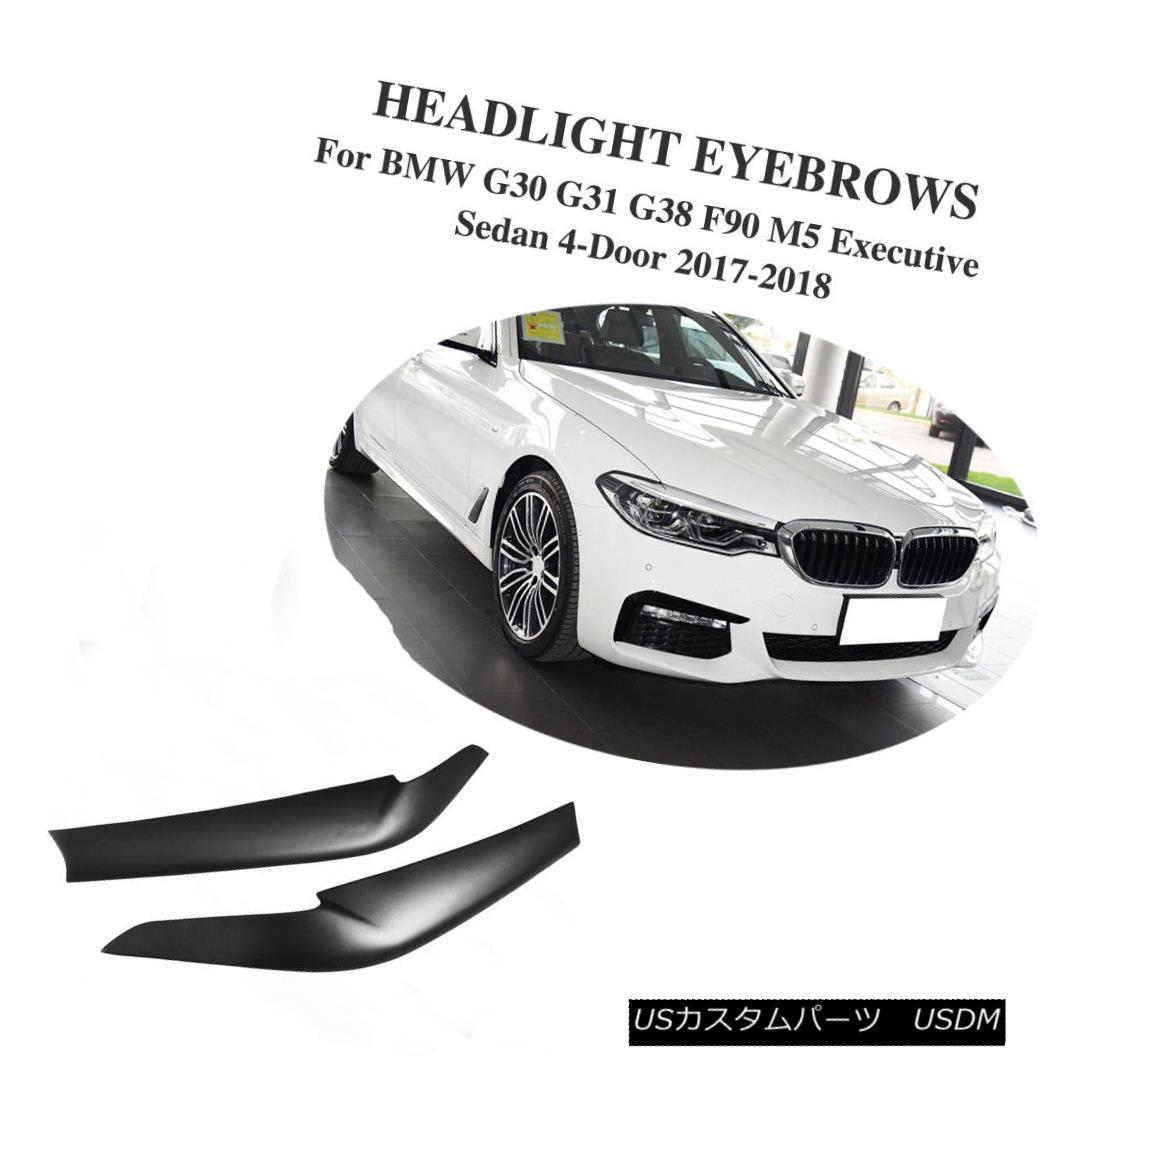 エアロパーツ 2PCS Headlight Eyebrow Eyelid FRP For BMW G30 G31 G38 F90 530i 540i M5 17-18 BMW G30用2WSヘッドライト眉毛まぶたFRP G31 G38 F90 530i 540i M5 17-18